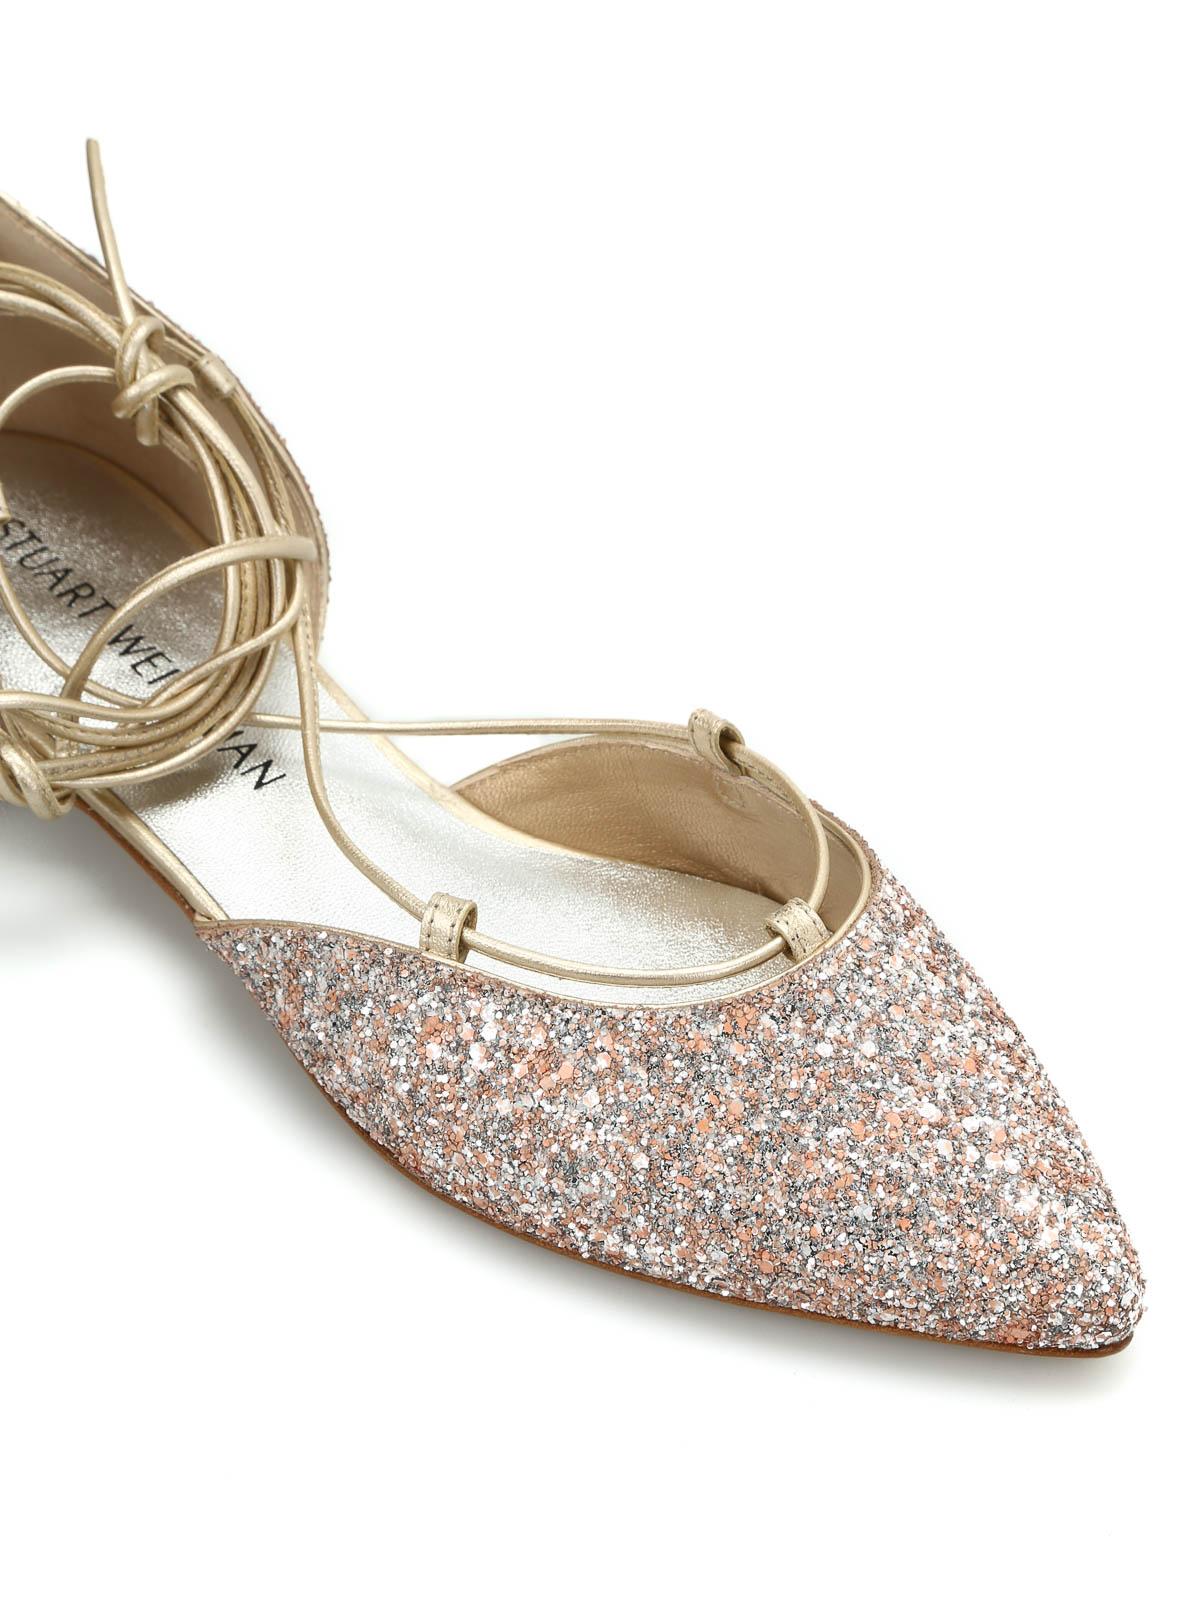 ff29c0a996e95 Stuart Weitzman - Gilligan flats - flat shoes - GILLIGANMANGO ...